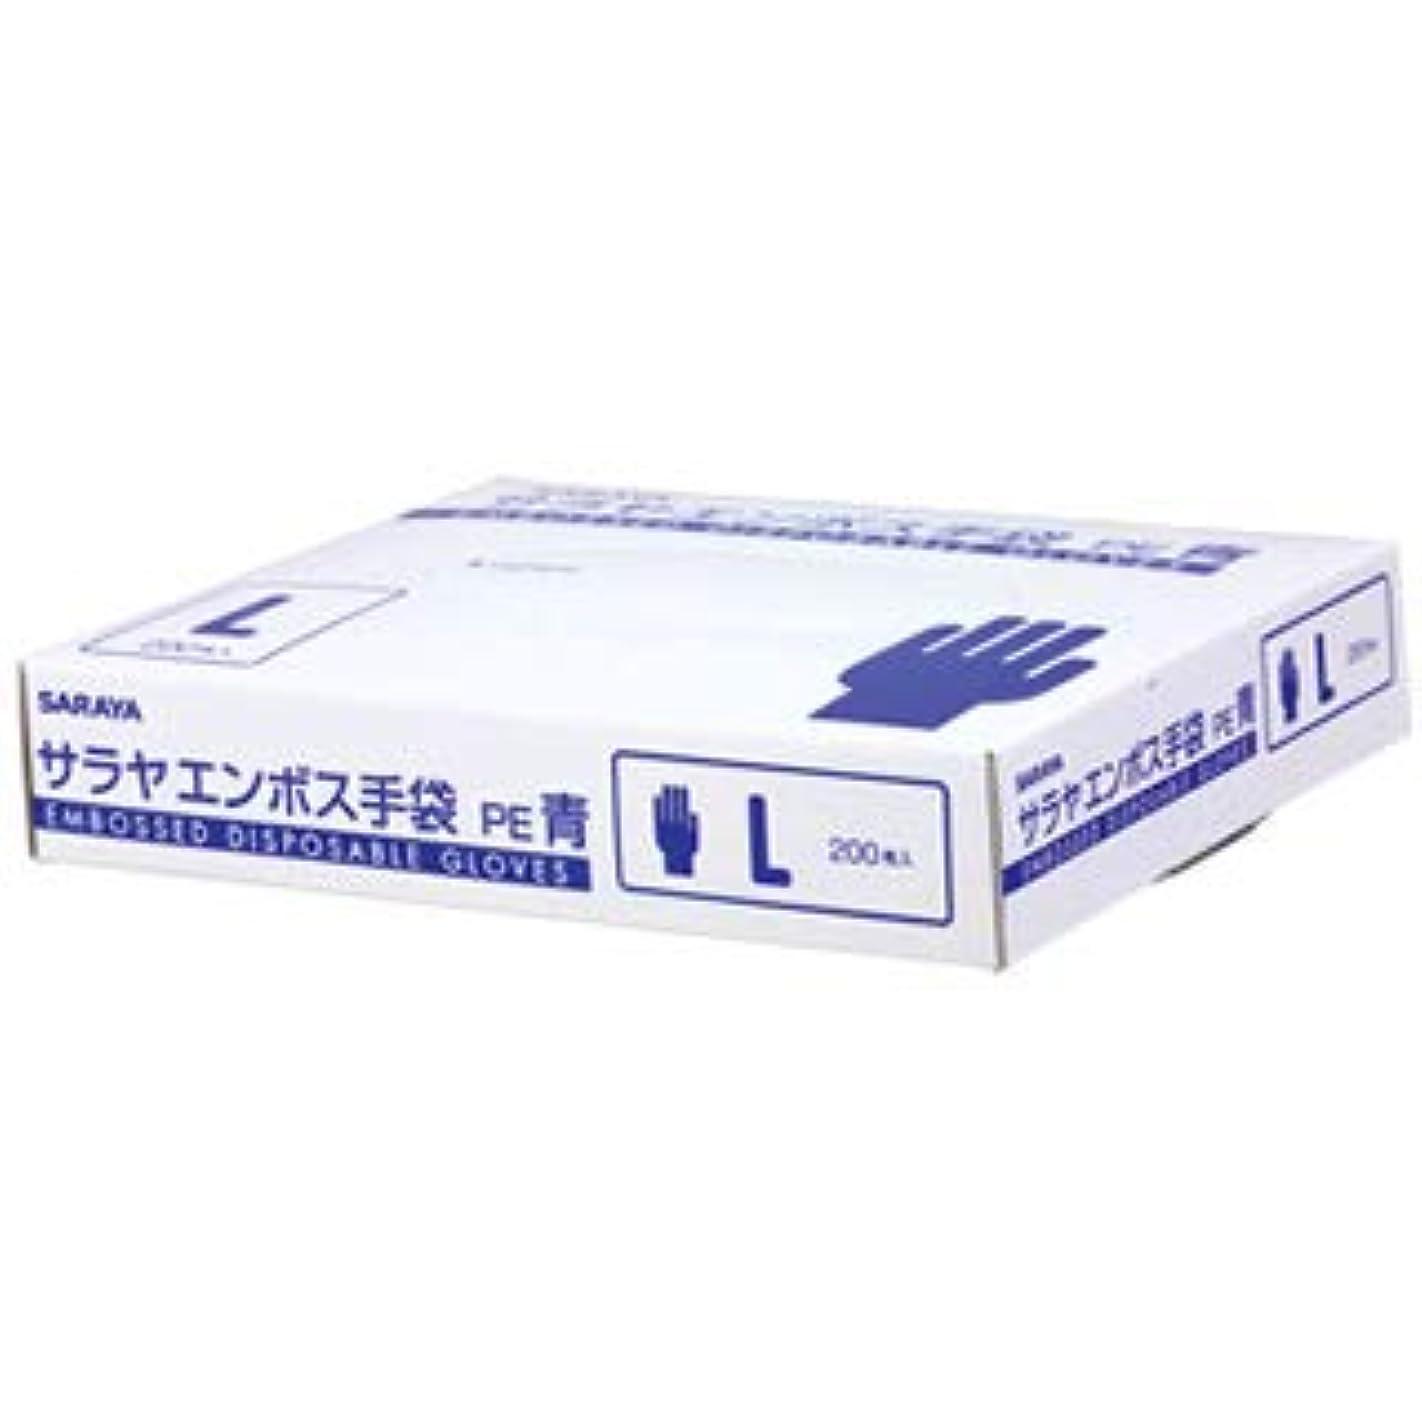 アナリストテレビシェルターサラヤ エンボス手袋PE 青 L 200枚×20箱 51095